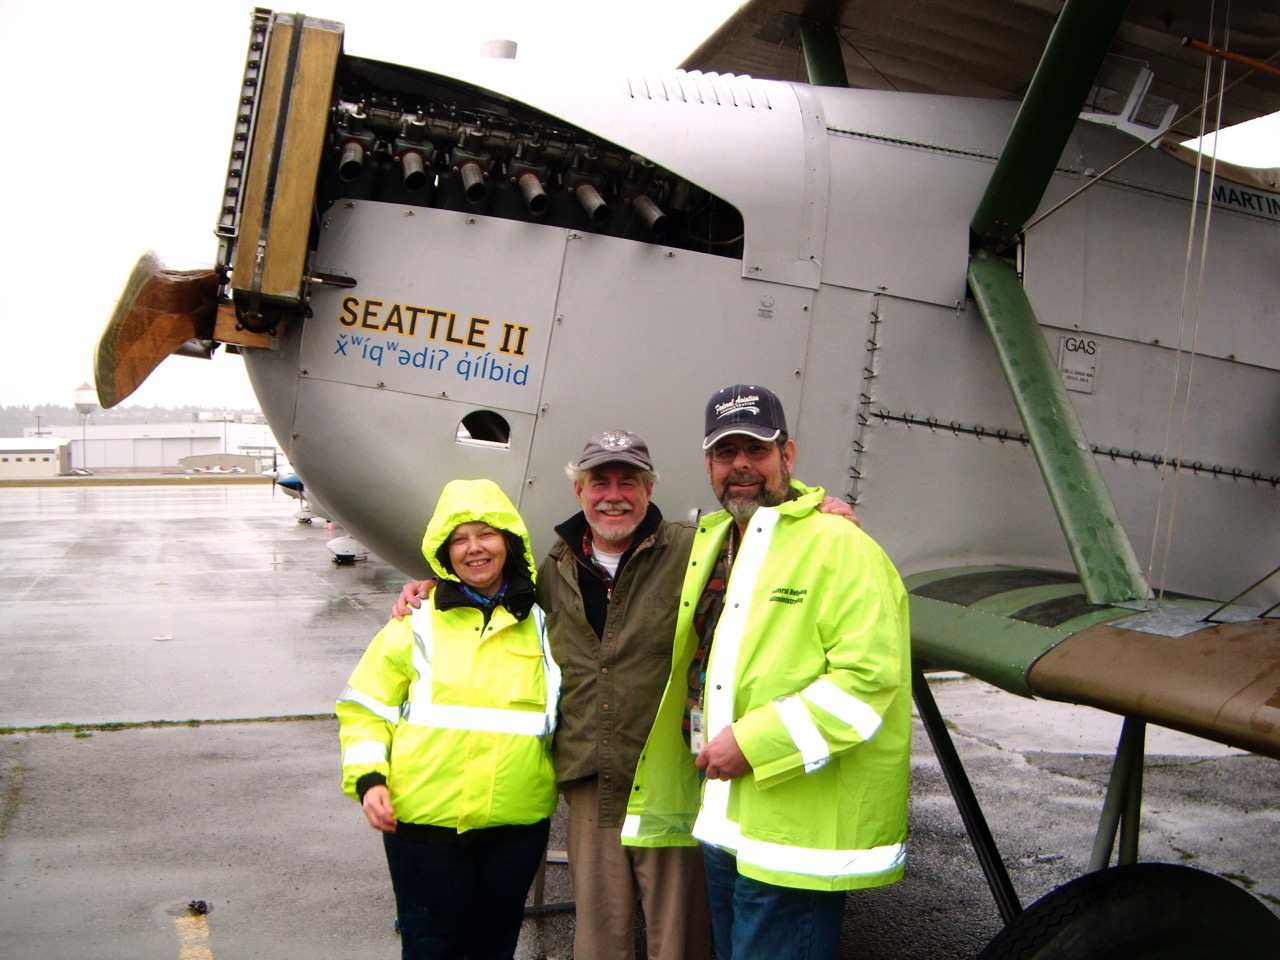 Guy Shinkaruk, Bob & Diane, with the Seattle II's FAA Certificate.